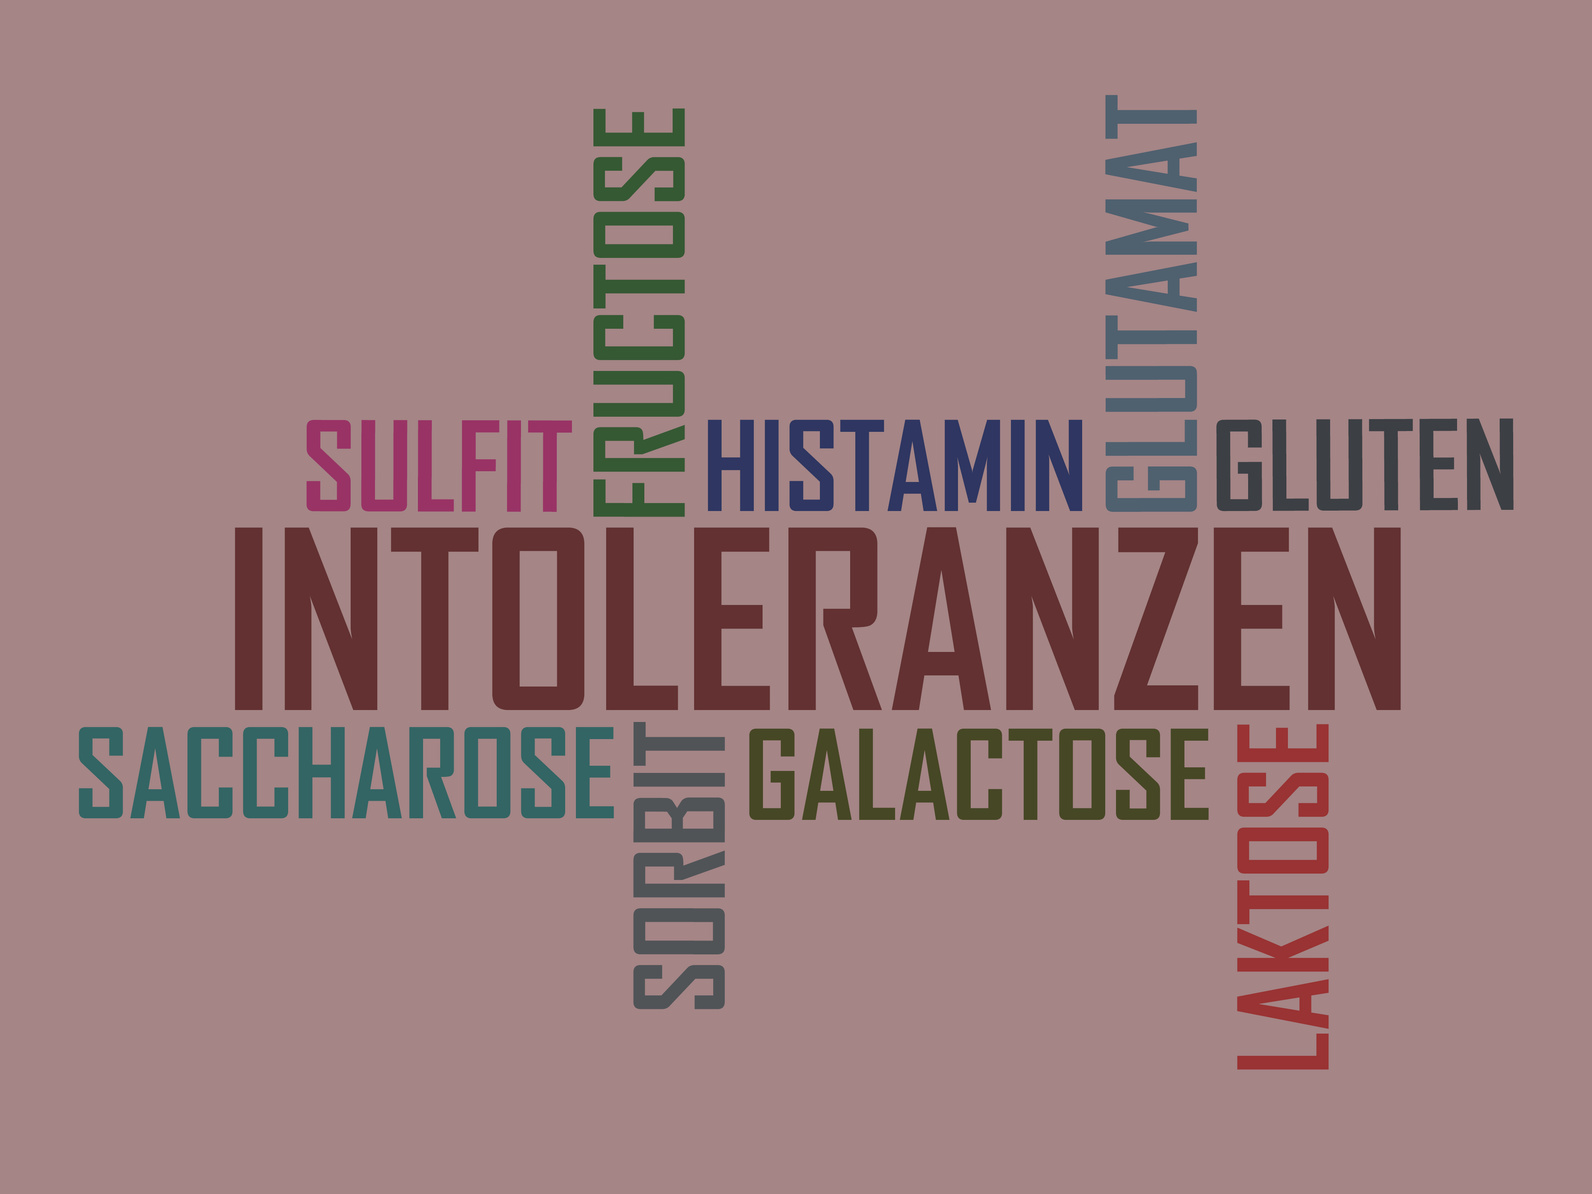 Fruktoseintoleranz, Malabsortion, Laktoseintoleranz, Unverträglichkeit, Histaminintoleranz, Glutensensitivität, Glutenintoleranz, Zöliakie